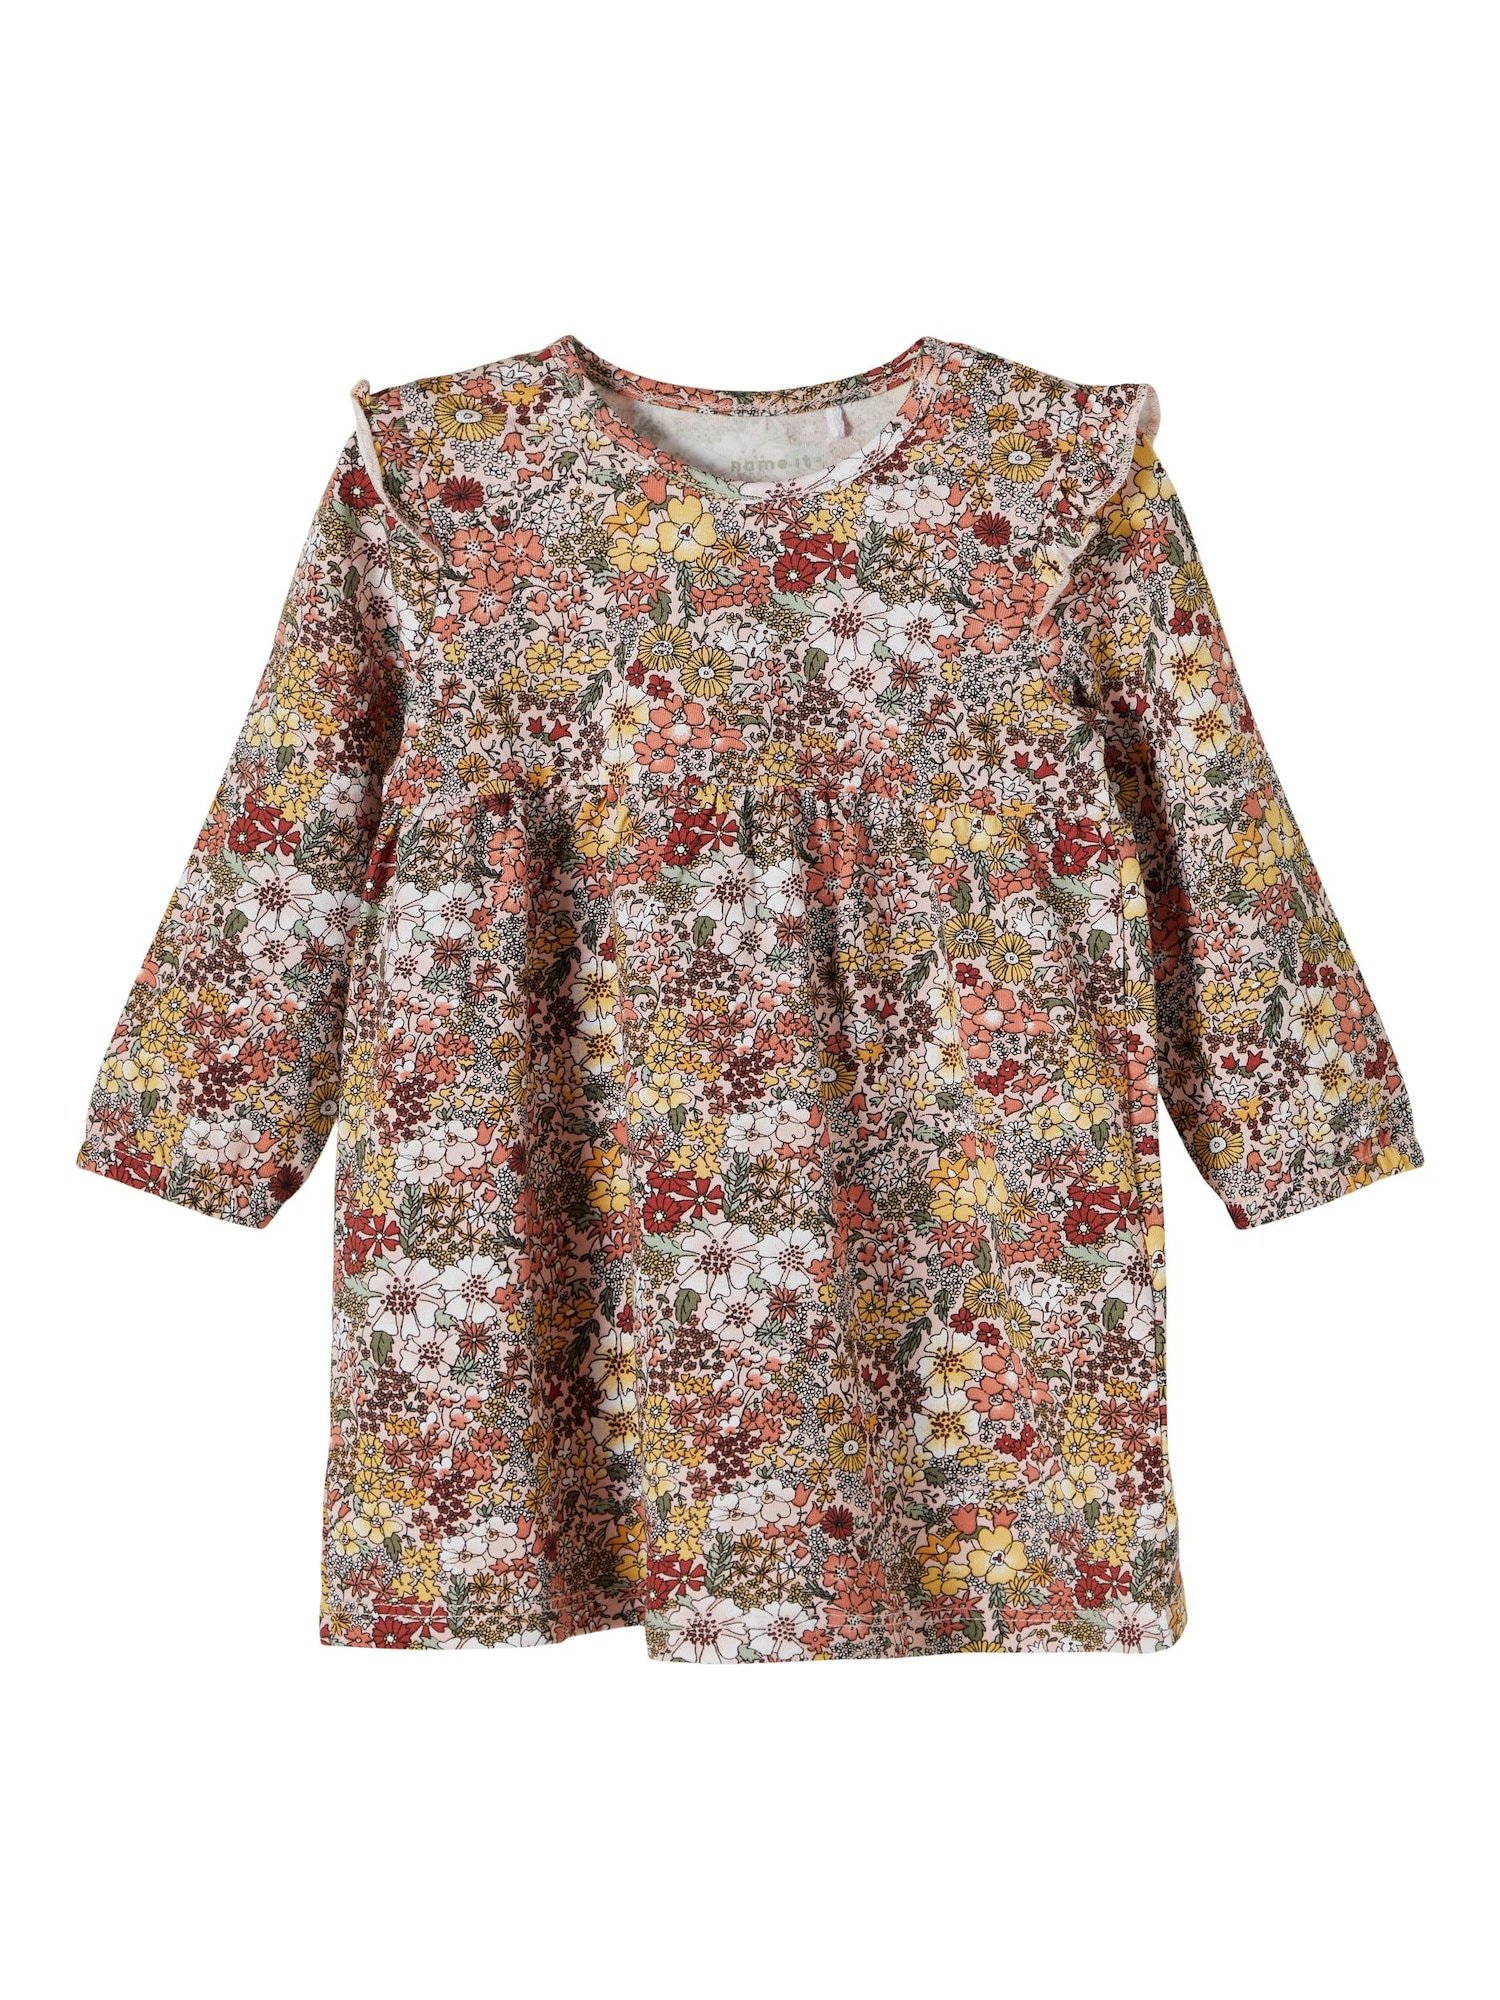 NAME IT Suknelė 'Dahlia' rožinė / mišrios spalvos